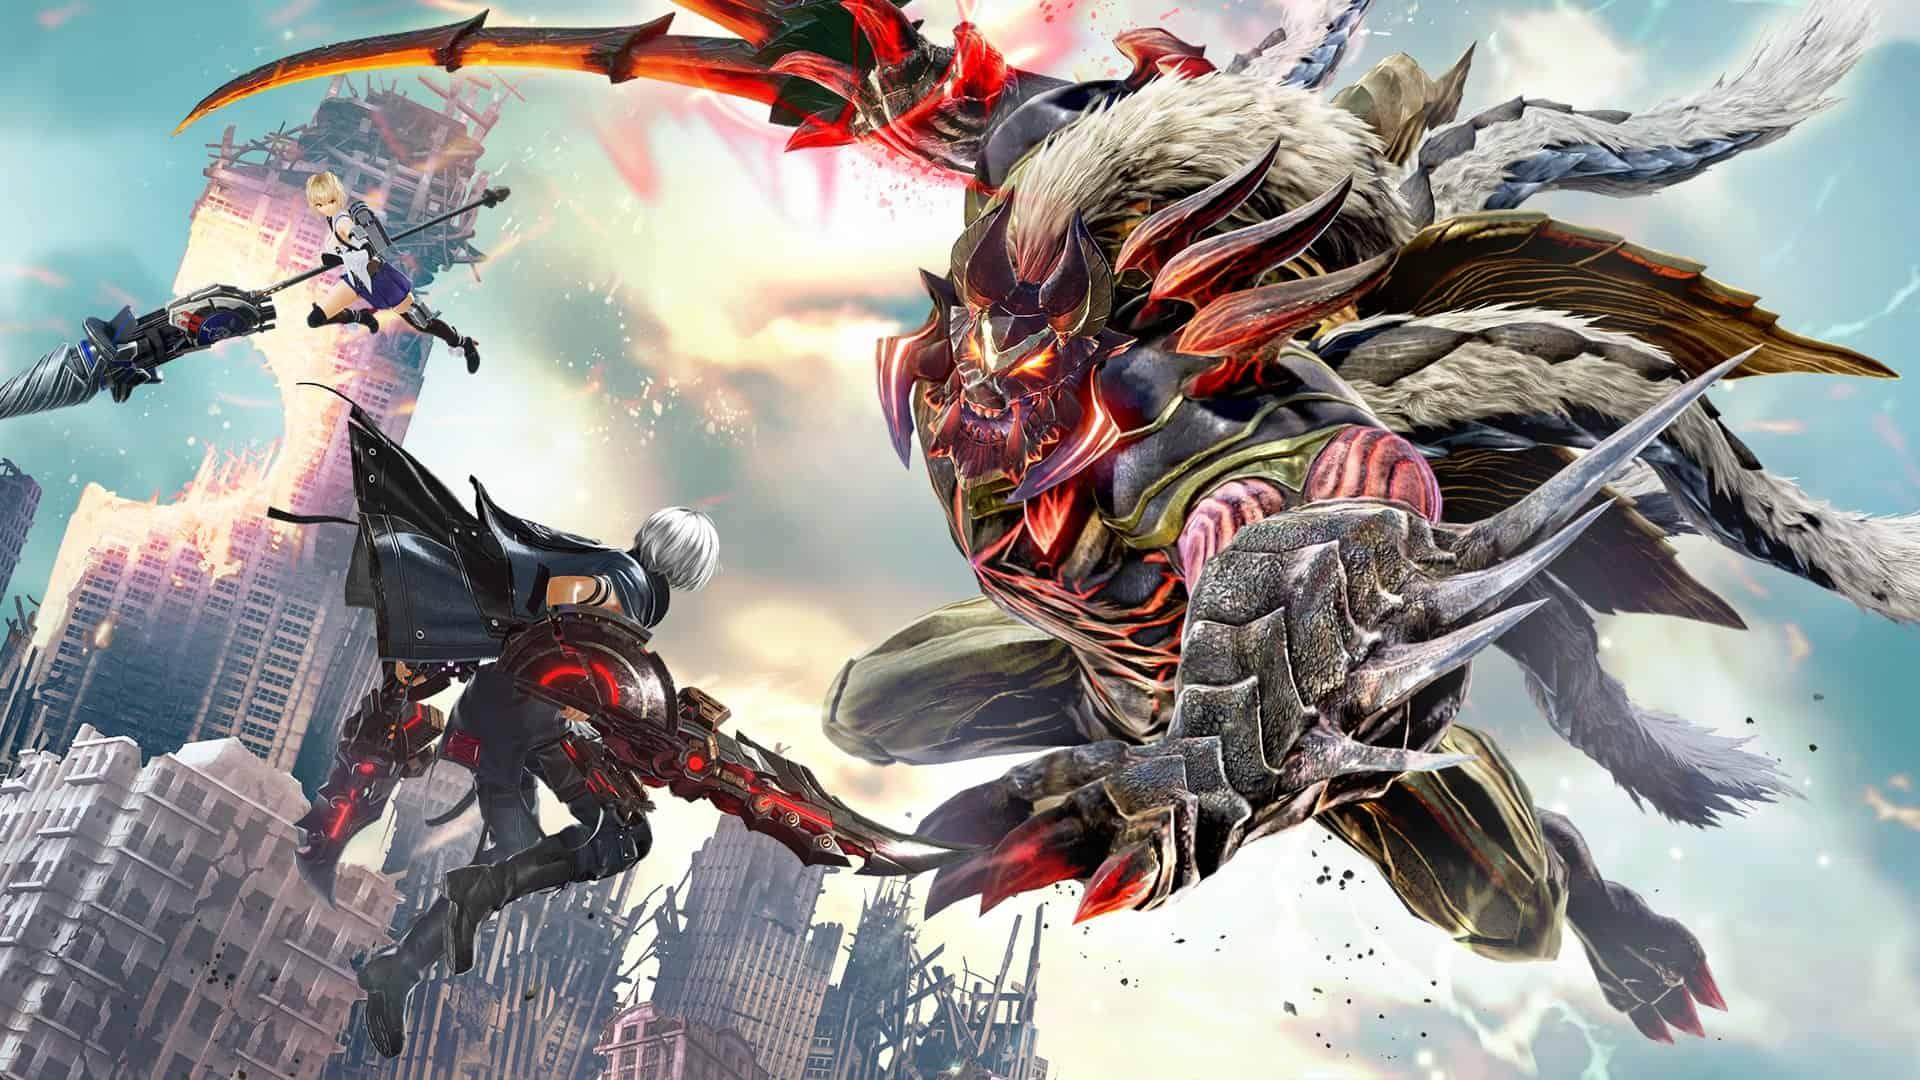 Produtores de God Eater estão cientes de que os fãs querem a série no Nintendo Switch